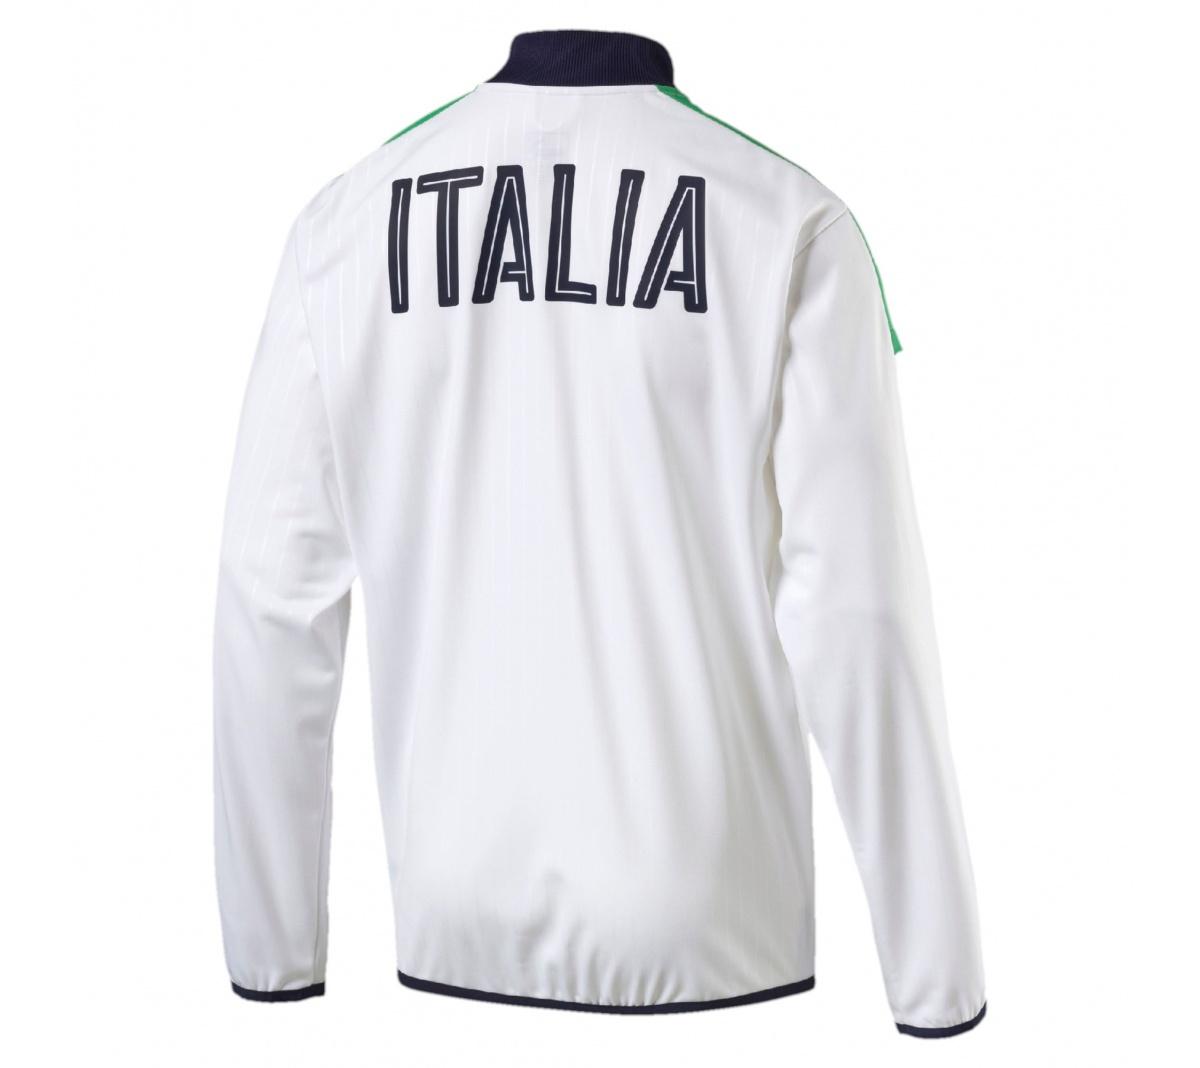 0b5d94e85c Jaqueta Itália Puma Home - Mundo do Futebol